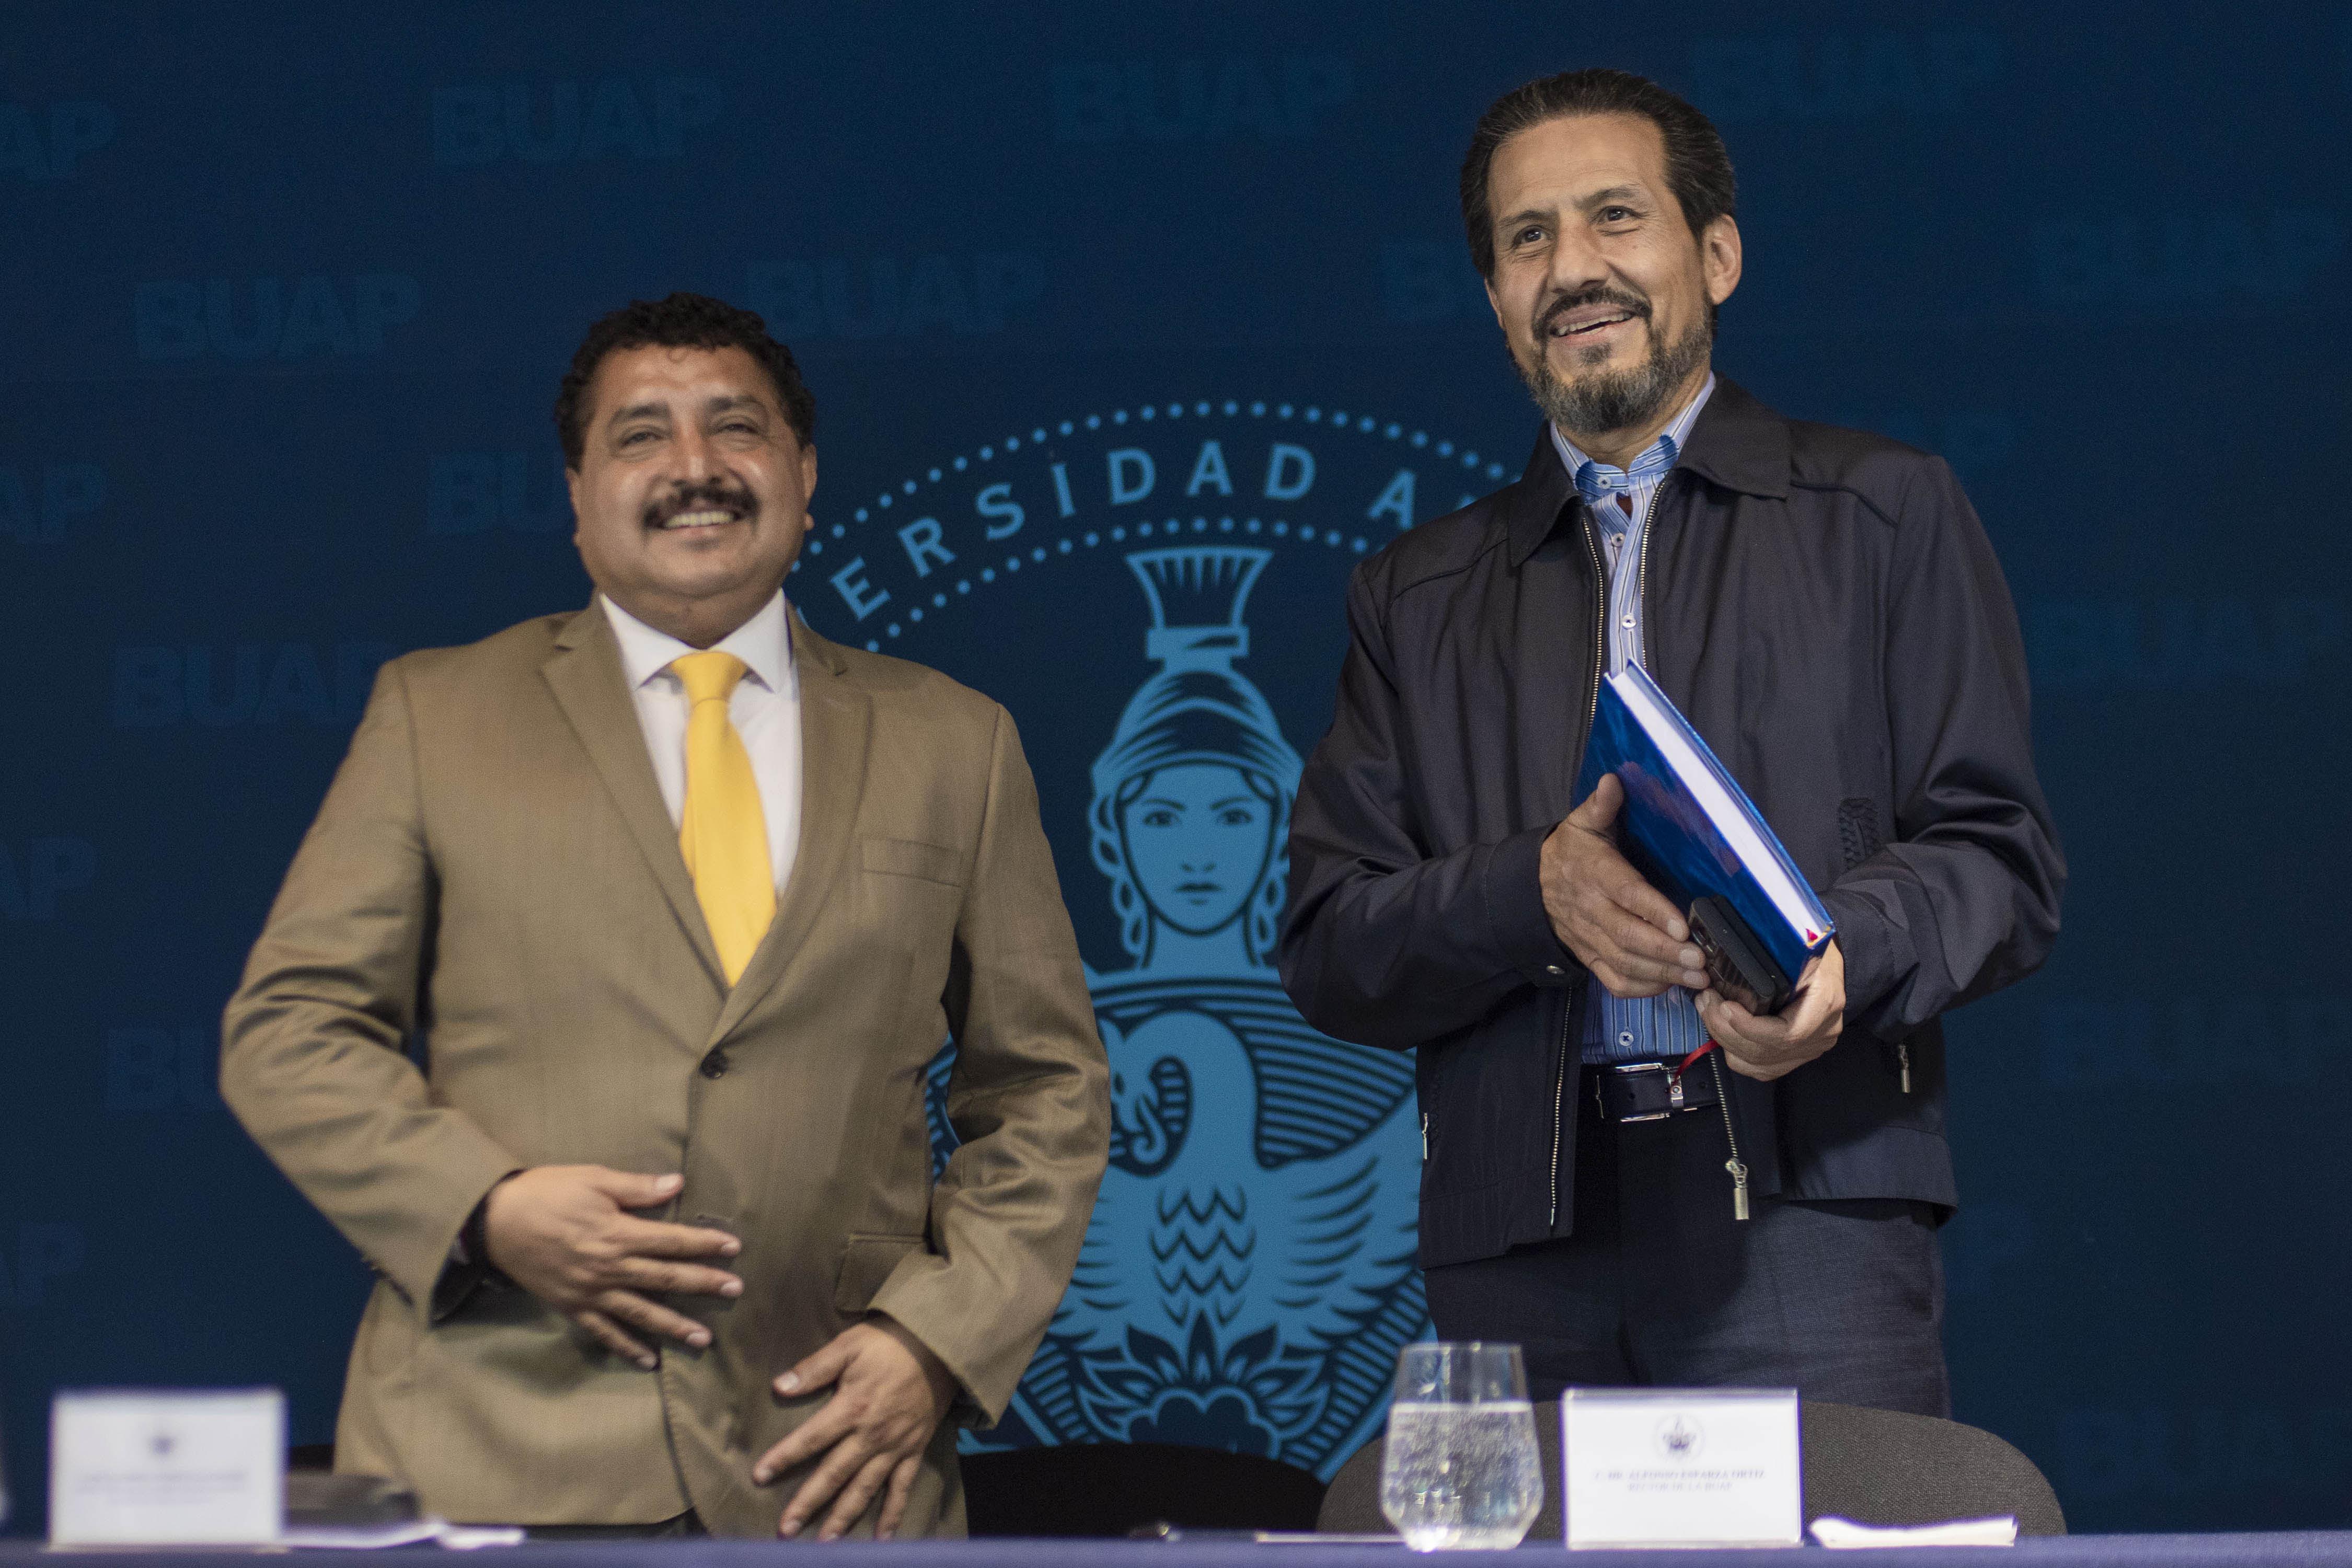 Reconoce el rector Esparza calidad académica del Complejo Regional Mixteca